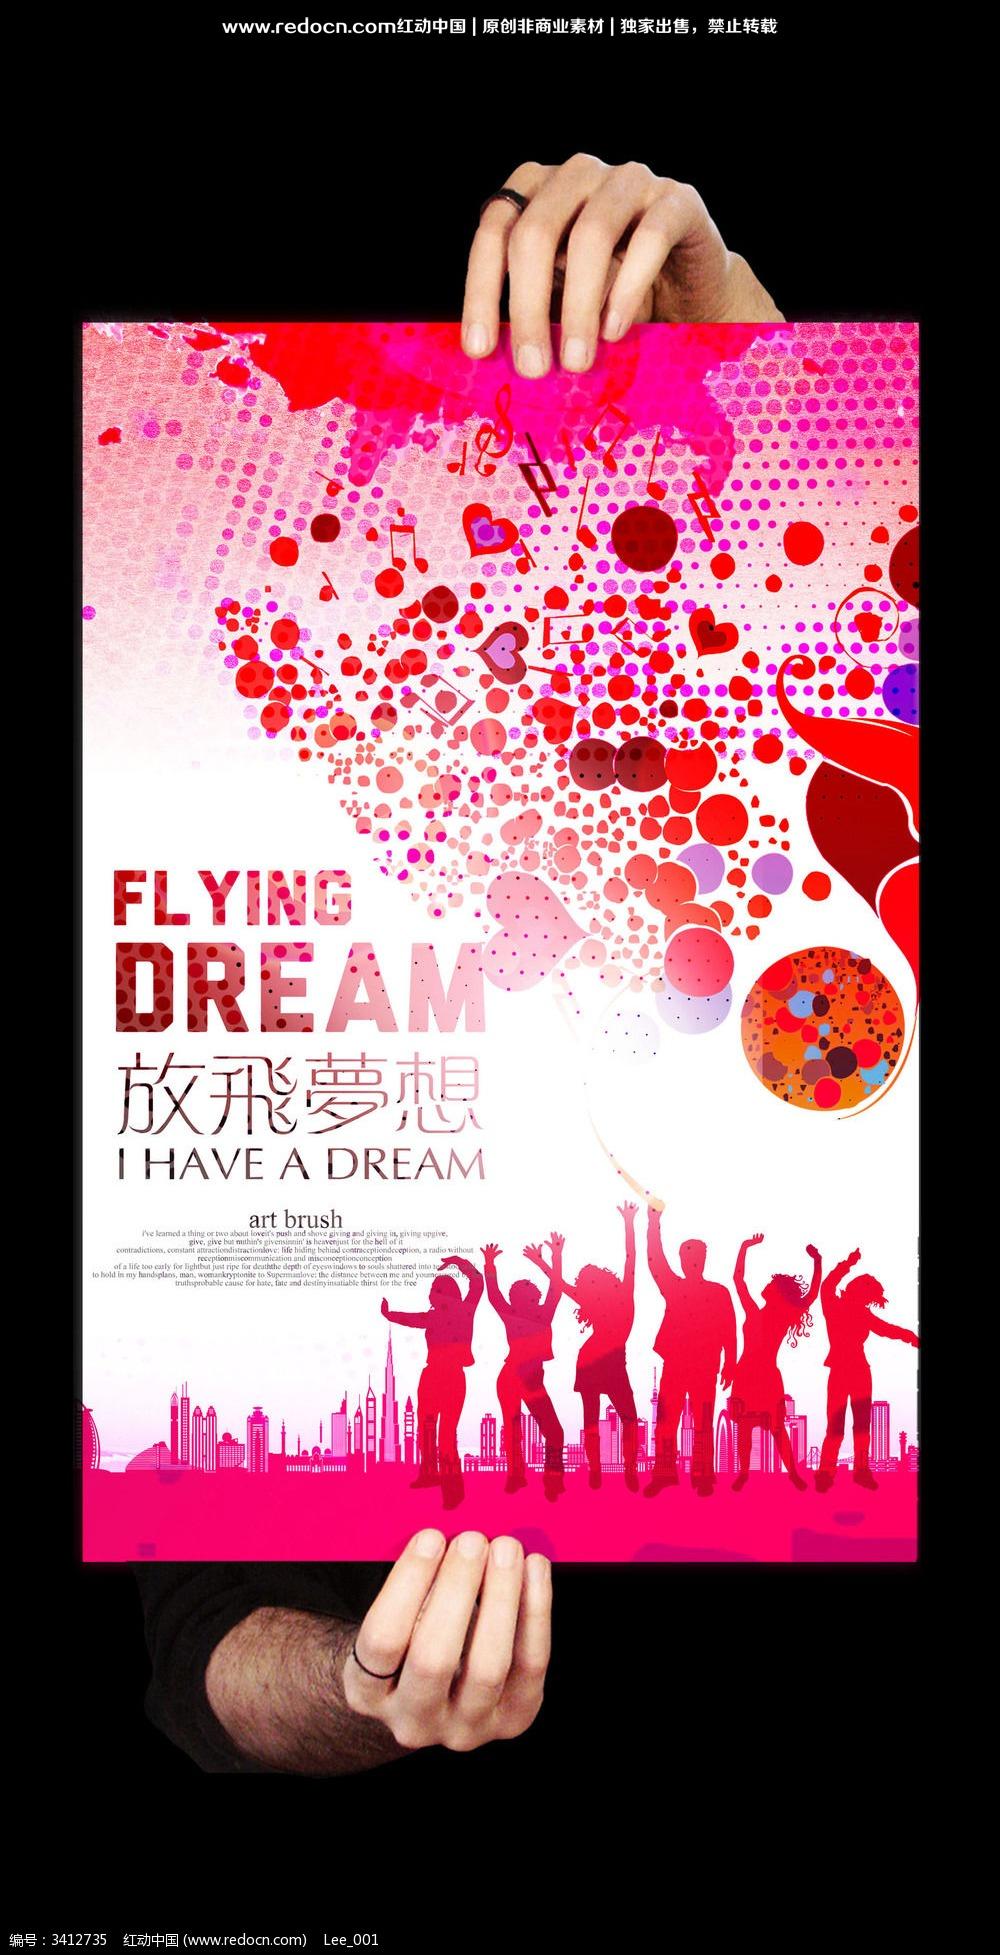 青春梦想海报设计图片